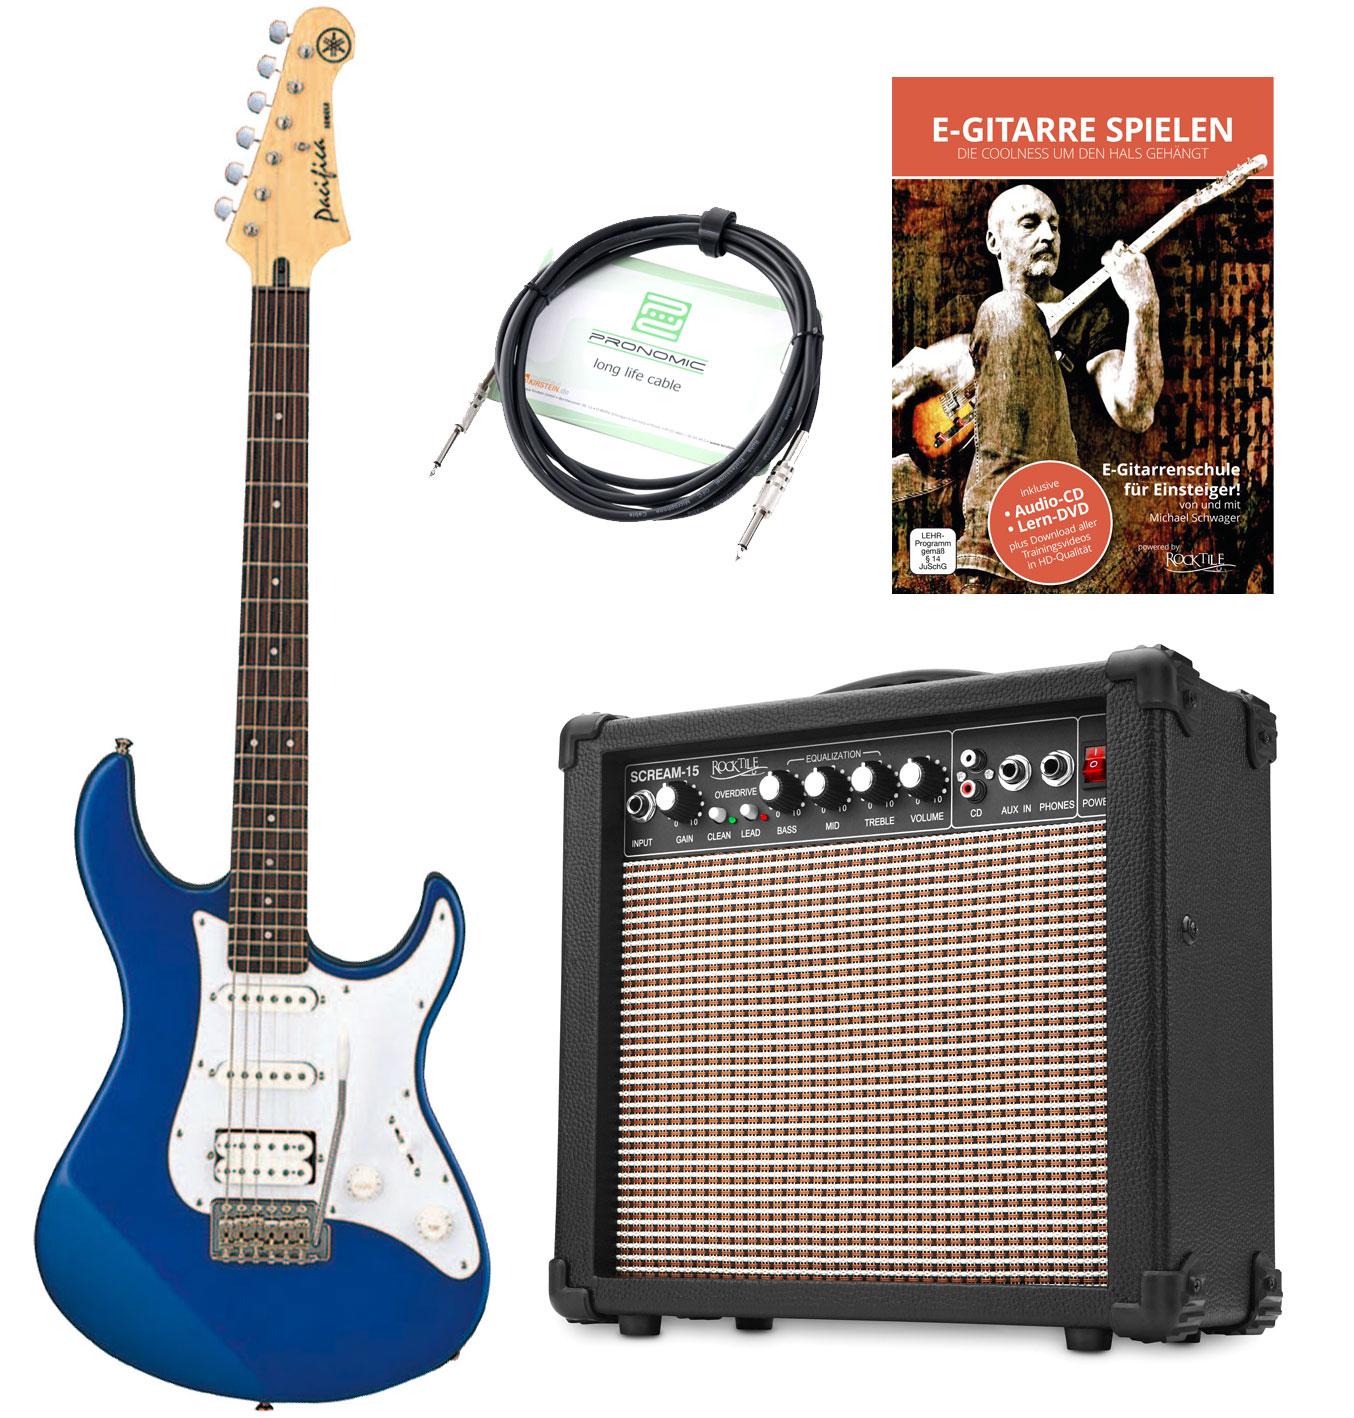 Egitarren - Yamaha Pacifica 012 DBM E Gitarre Set inkl. Amp Kabel E Gitarrenschule, Blau - Onlineshop Musikhaus Kirstein